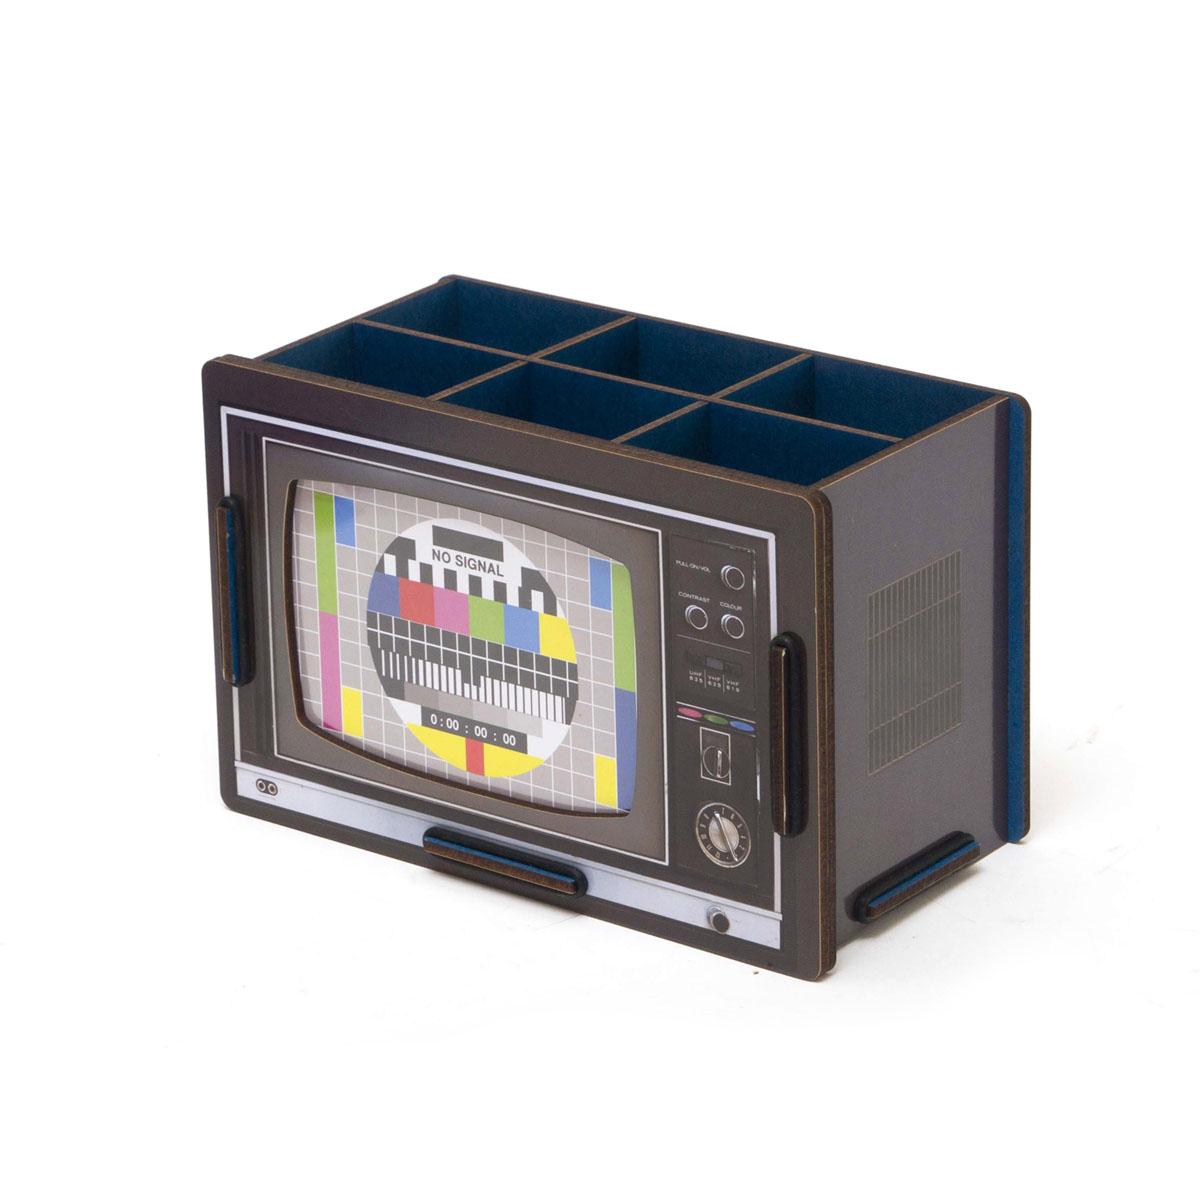 Органайзер настольный Homsu TV, 20 x 11 x 13 смHOM-78Это настольный органайзер в виде телевизора отлично подойдет для хранения различных предметов, таких как косметика, парфюмерия и прочие аксессуары. Он изготовлен из МДФ, легко собирается. Имеет 6 квадратных отделений 7см на 6см , которые позволяют компактно разложить вещи. Также имеет отделение снаружи для возможности поставить фотографию 10см на 15см. Органайзер отлично дополнит ваш интерьер и пригодится на любом столе. Фактический цвет может отличаться от заявленного.